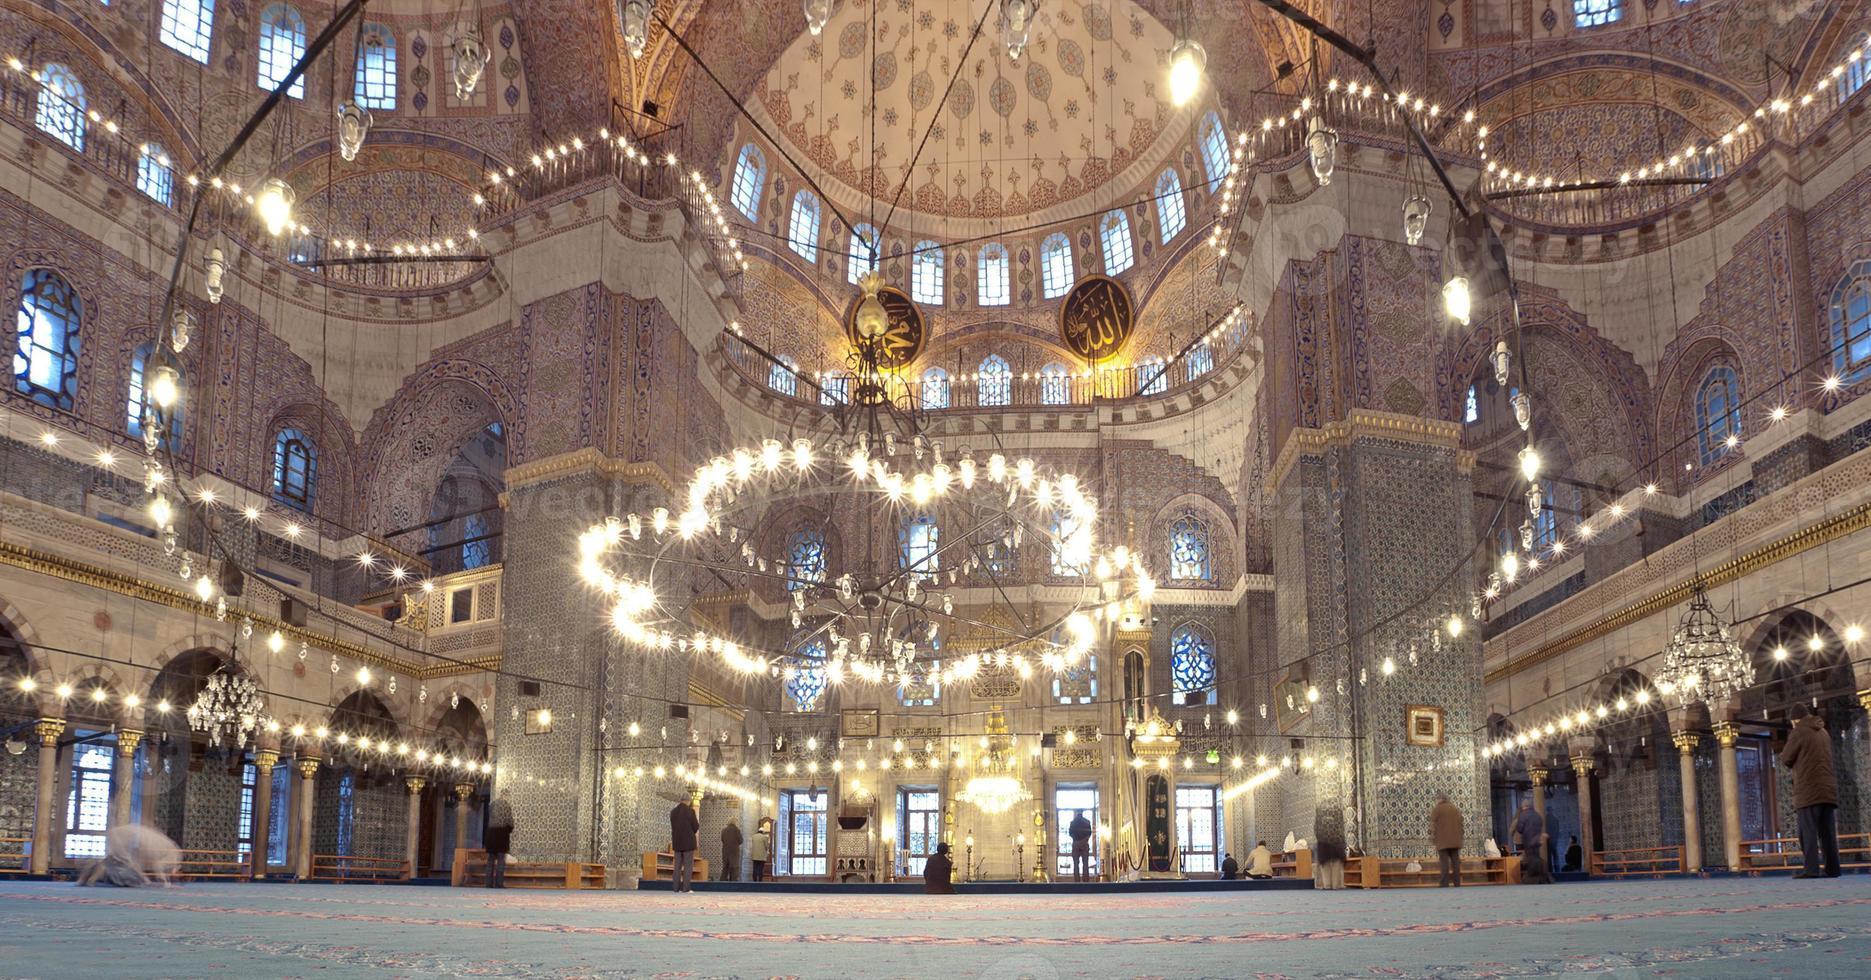 grande mosquée et musulmans en prière. photo